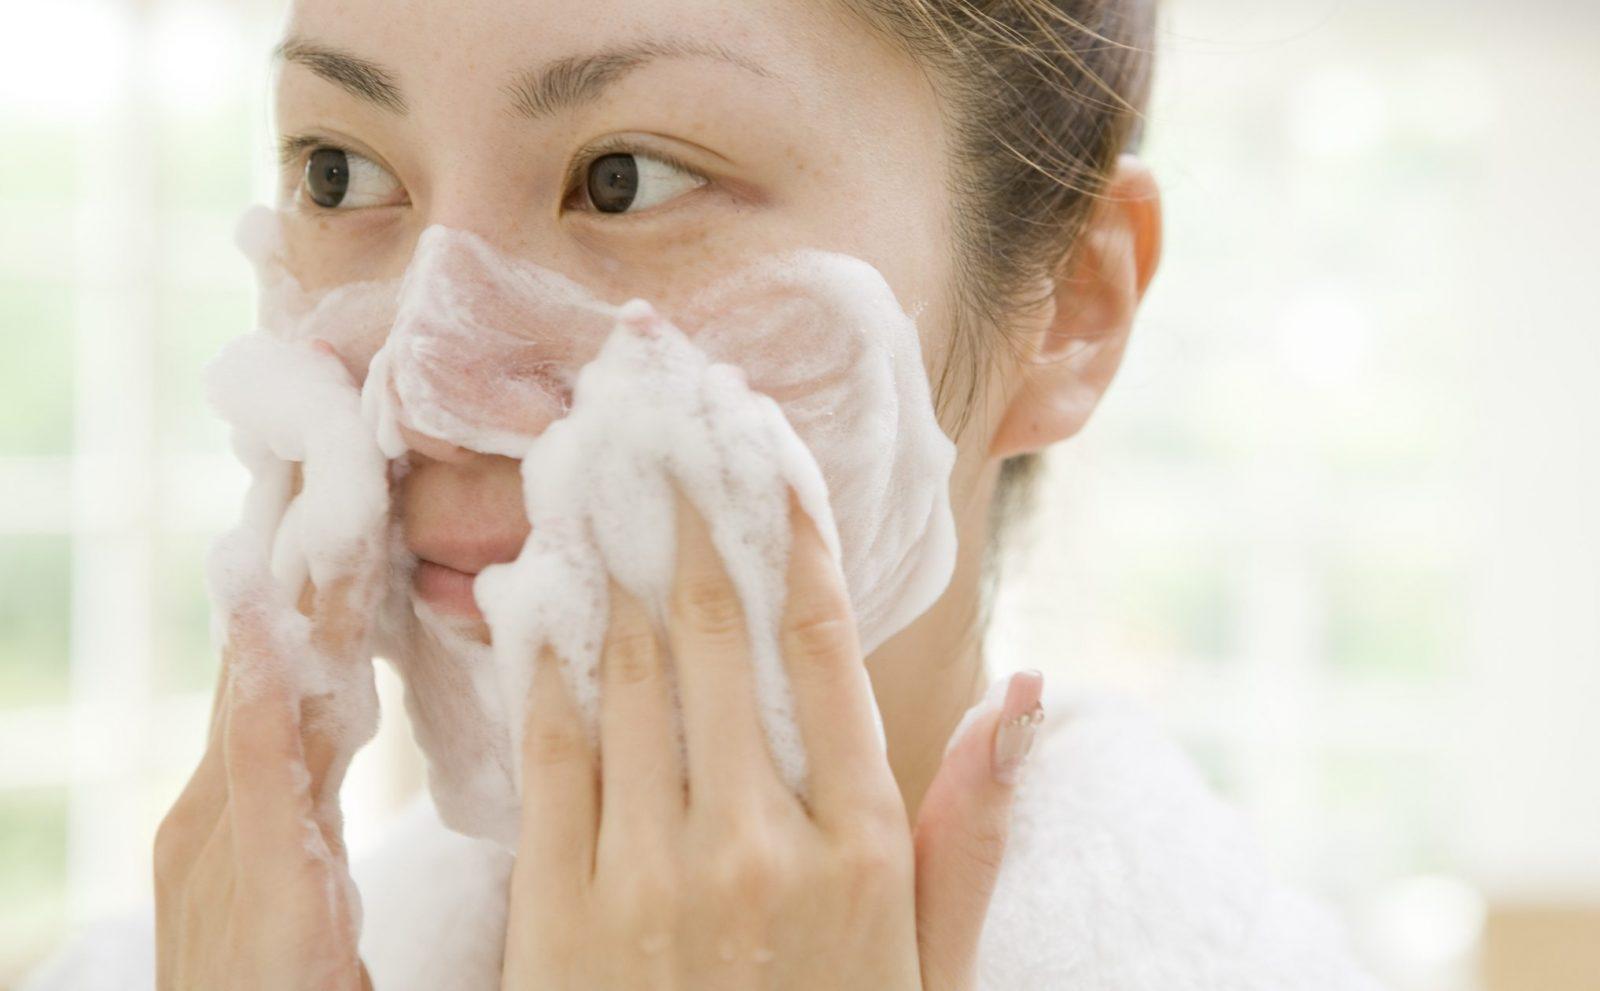 Khi da bạn bị mụn, bạn nên chú trọng các bước làm sạch da